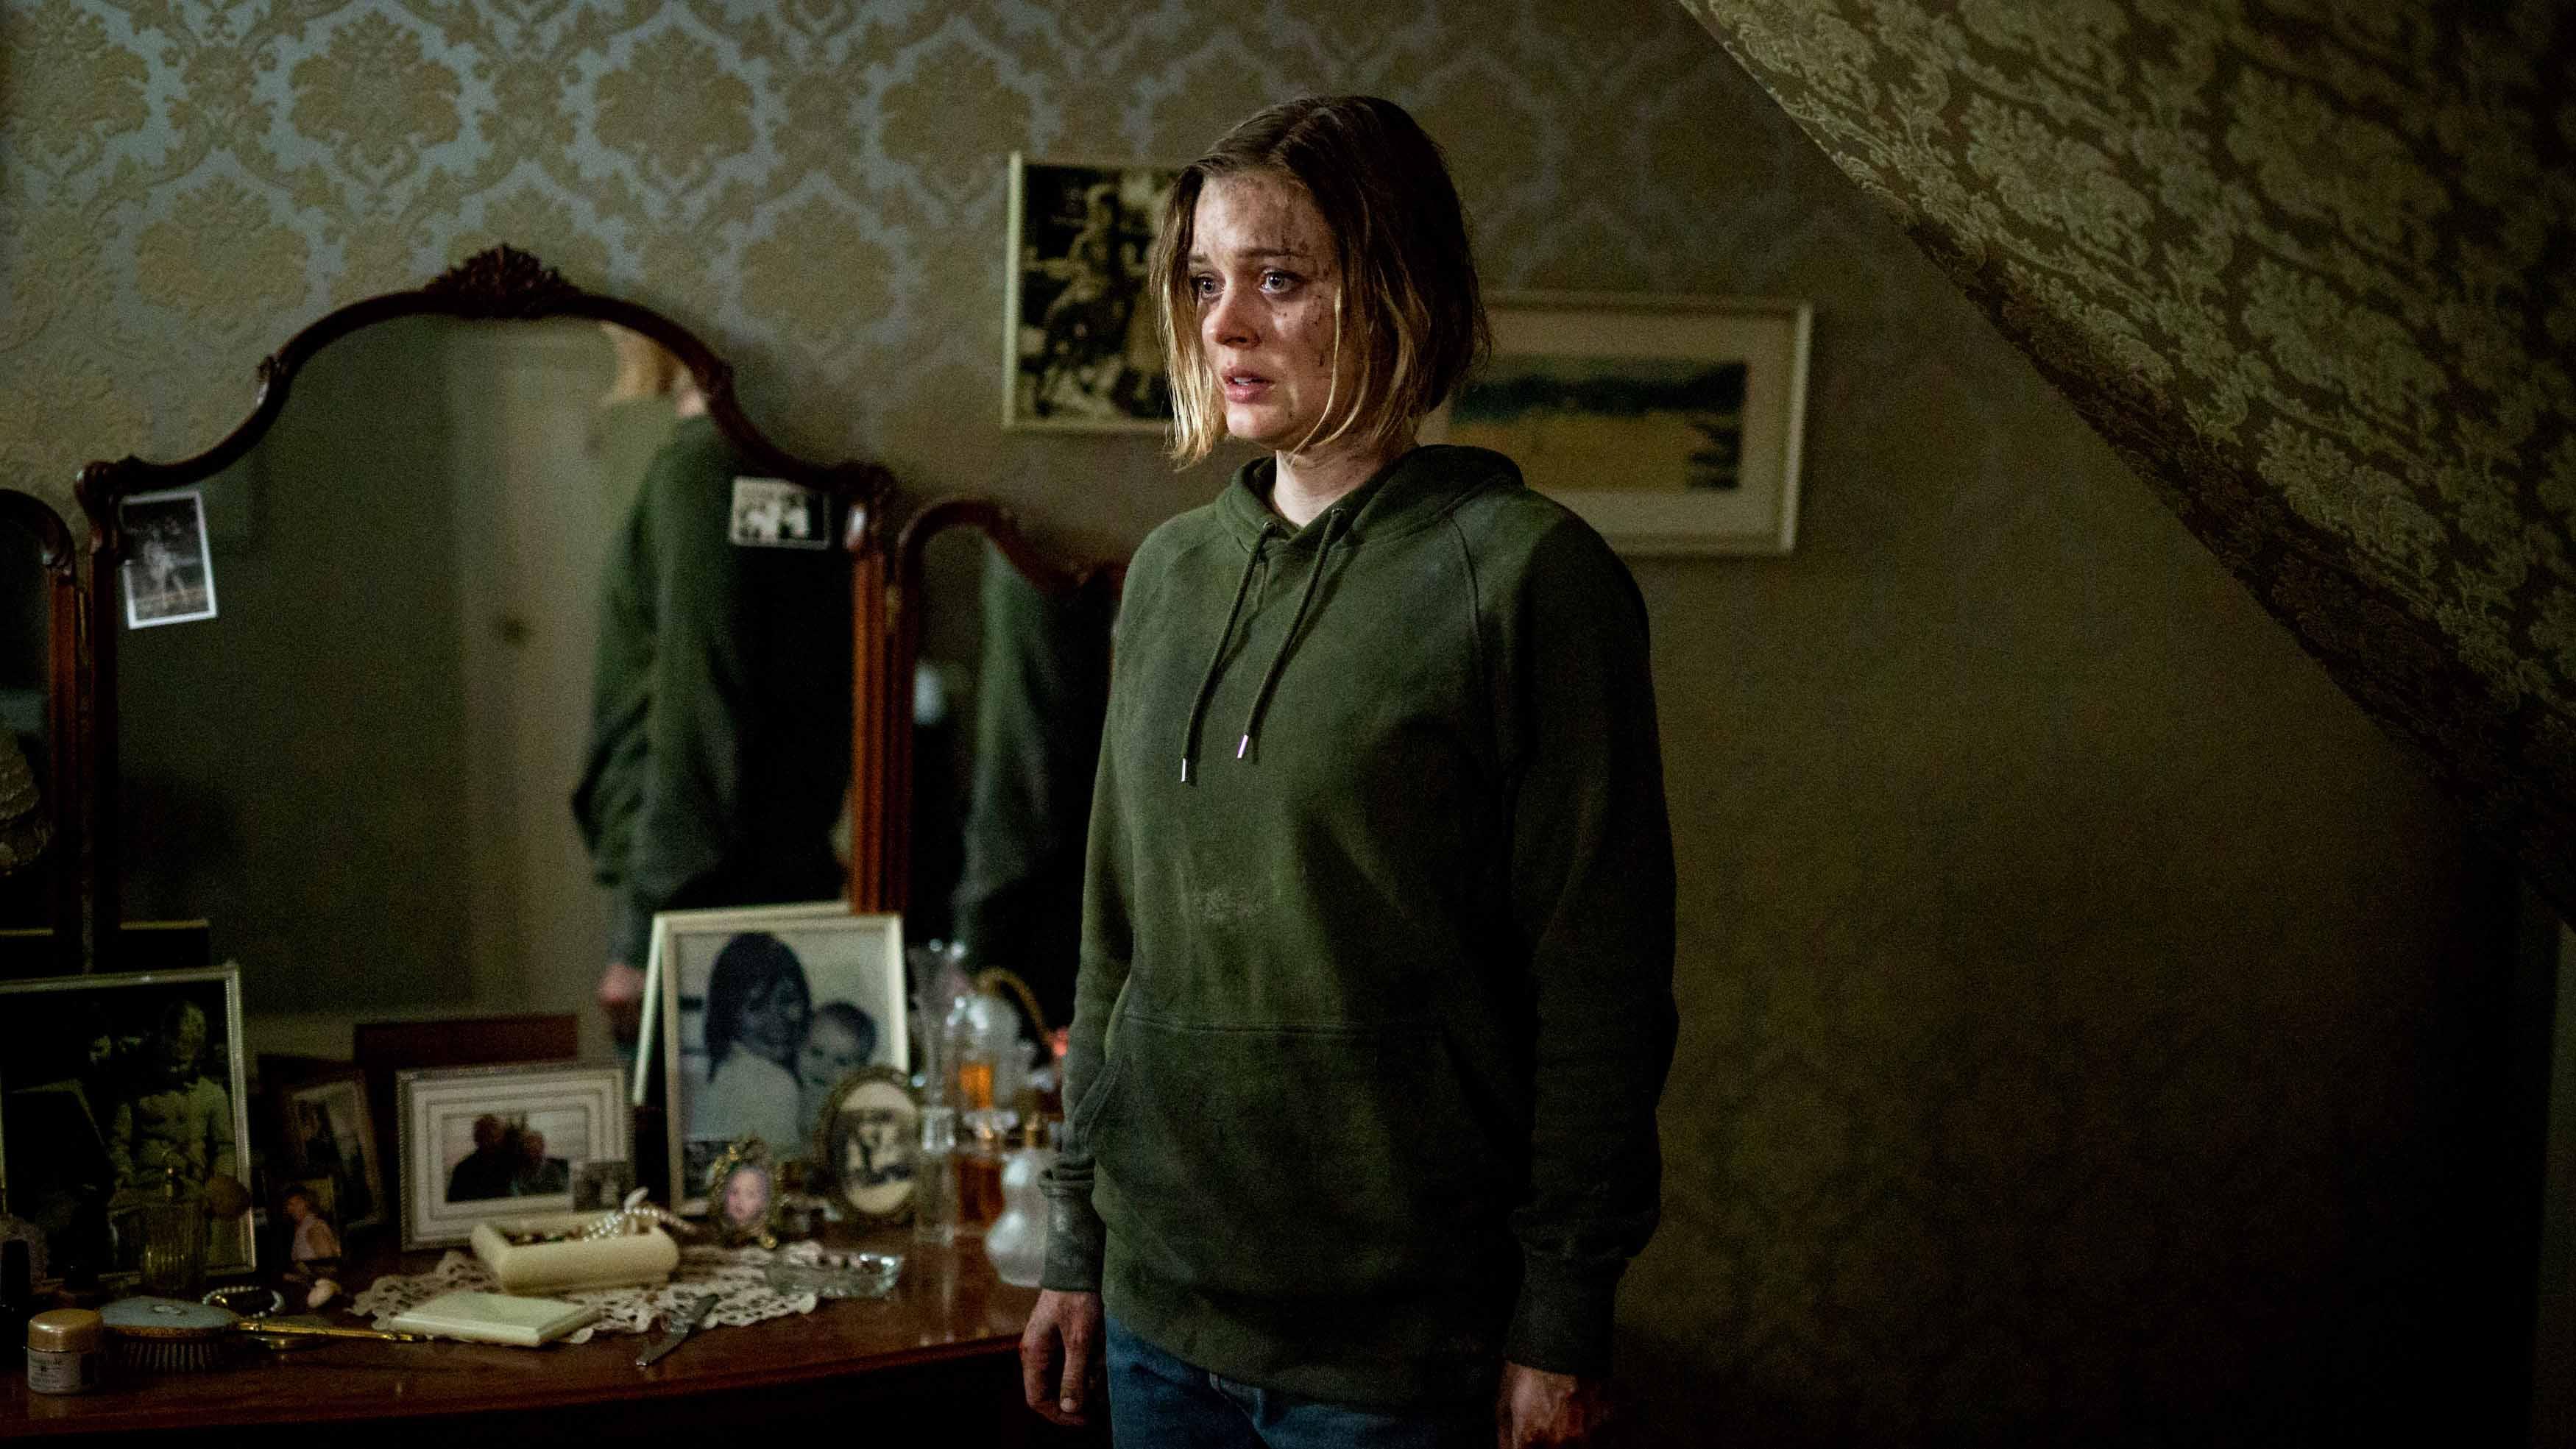 新生代女星貝拉希斯寇特特別為了《家靈》返回許久不見的家鄉墨爾本,然而拍攝期間卻吃足了苦頭,為了拍攝本片,足足哭了四天